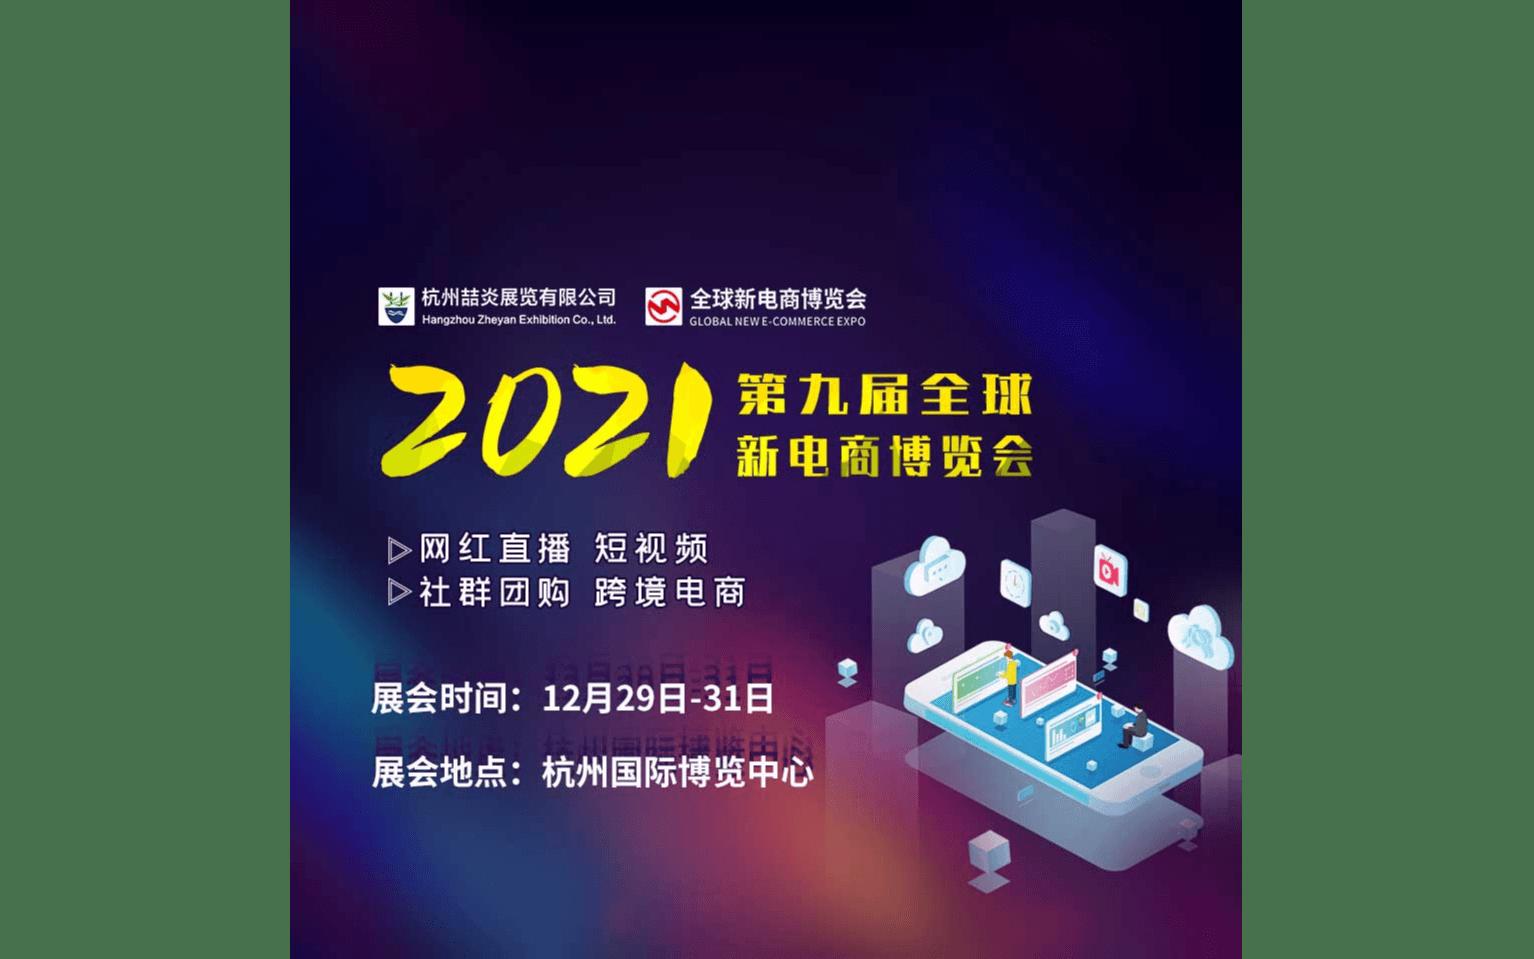 2021第九屆全球新電商博覽會暨杭州社交新零售網紅直播電商展